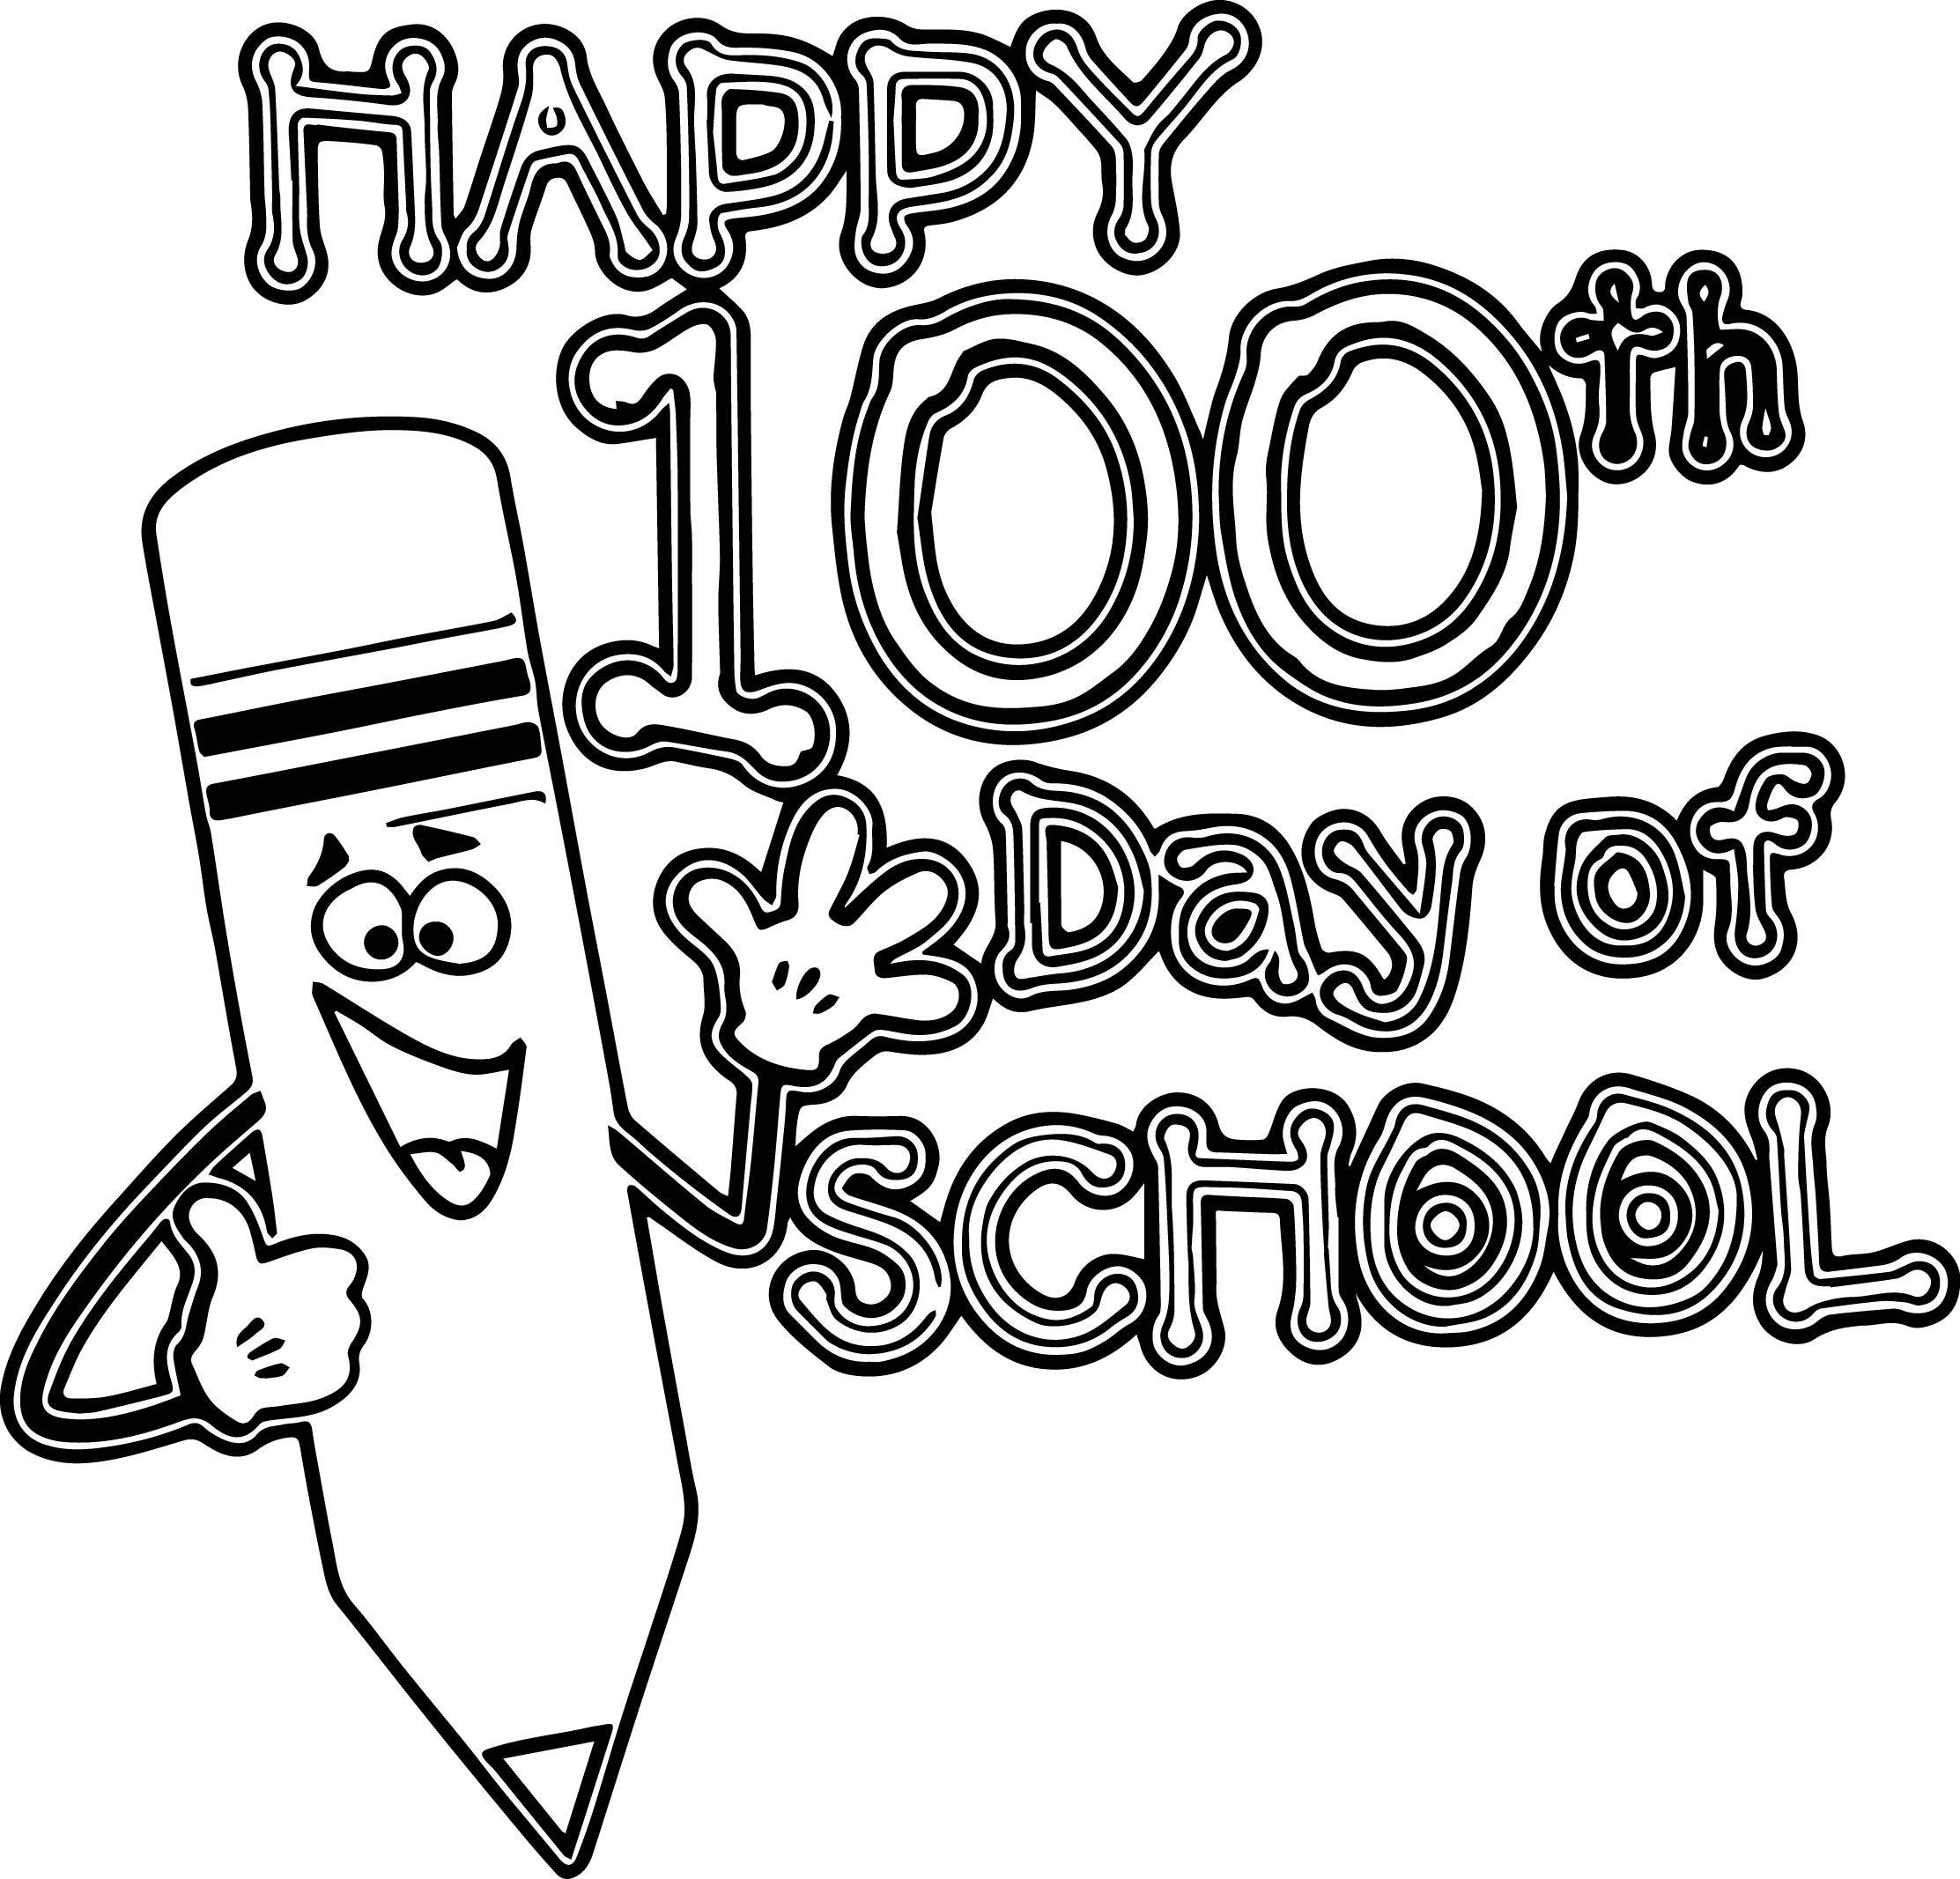 Nice Happy 100th Pencil School Day Coloring Page